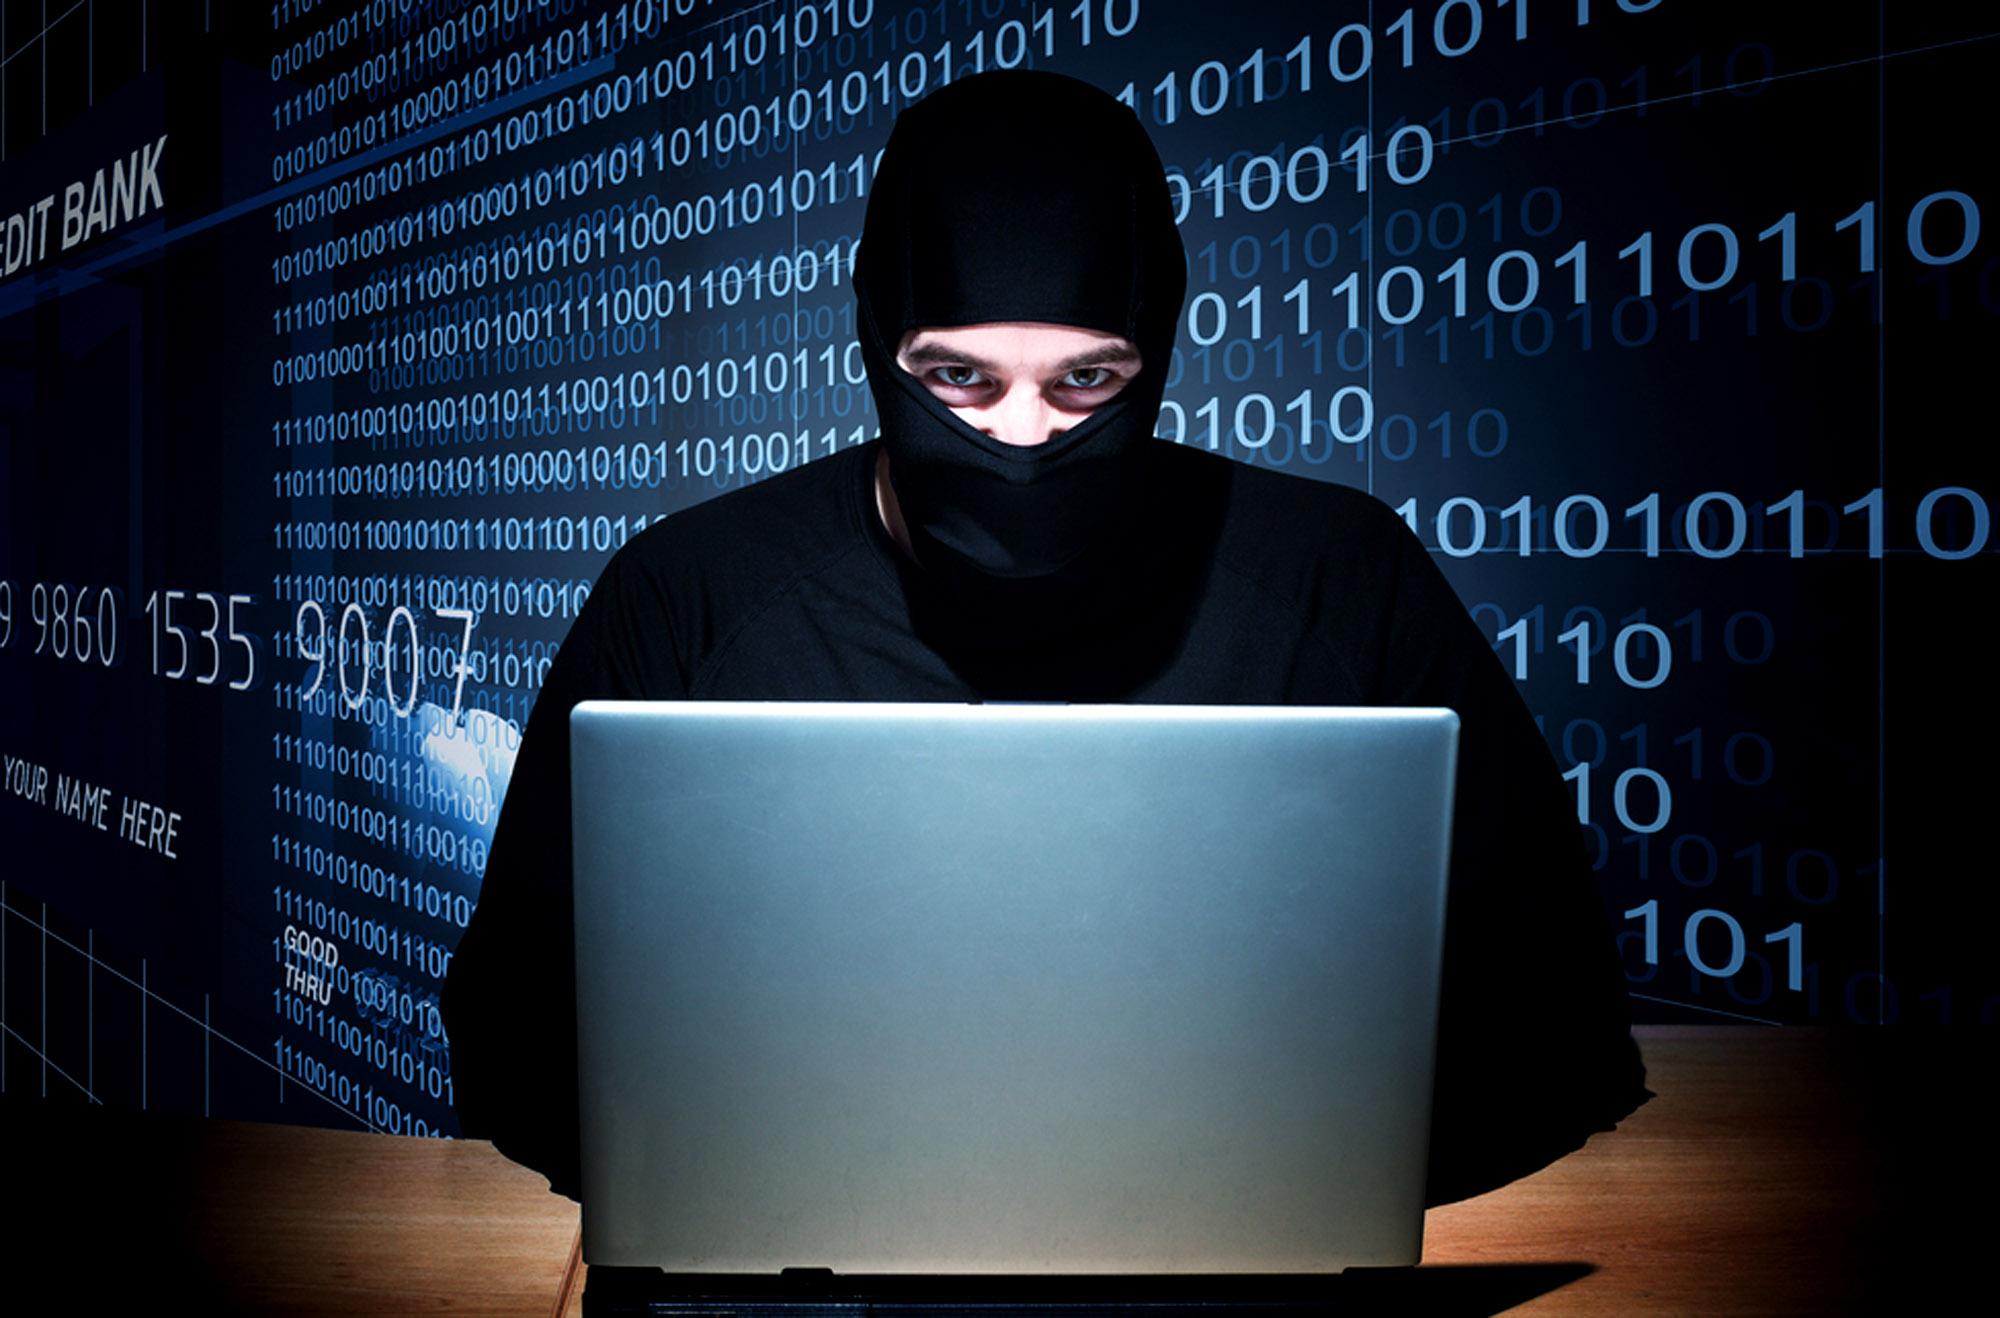 ВГермании специалисты подозревали хакеров из Российской Федерации вкибератаке нанемецких политиков